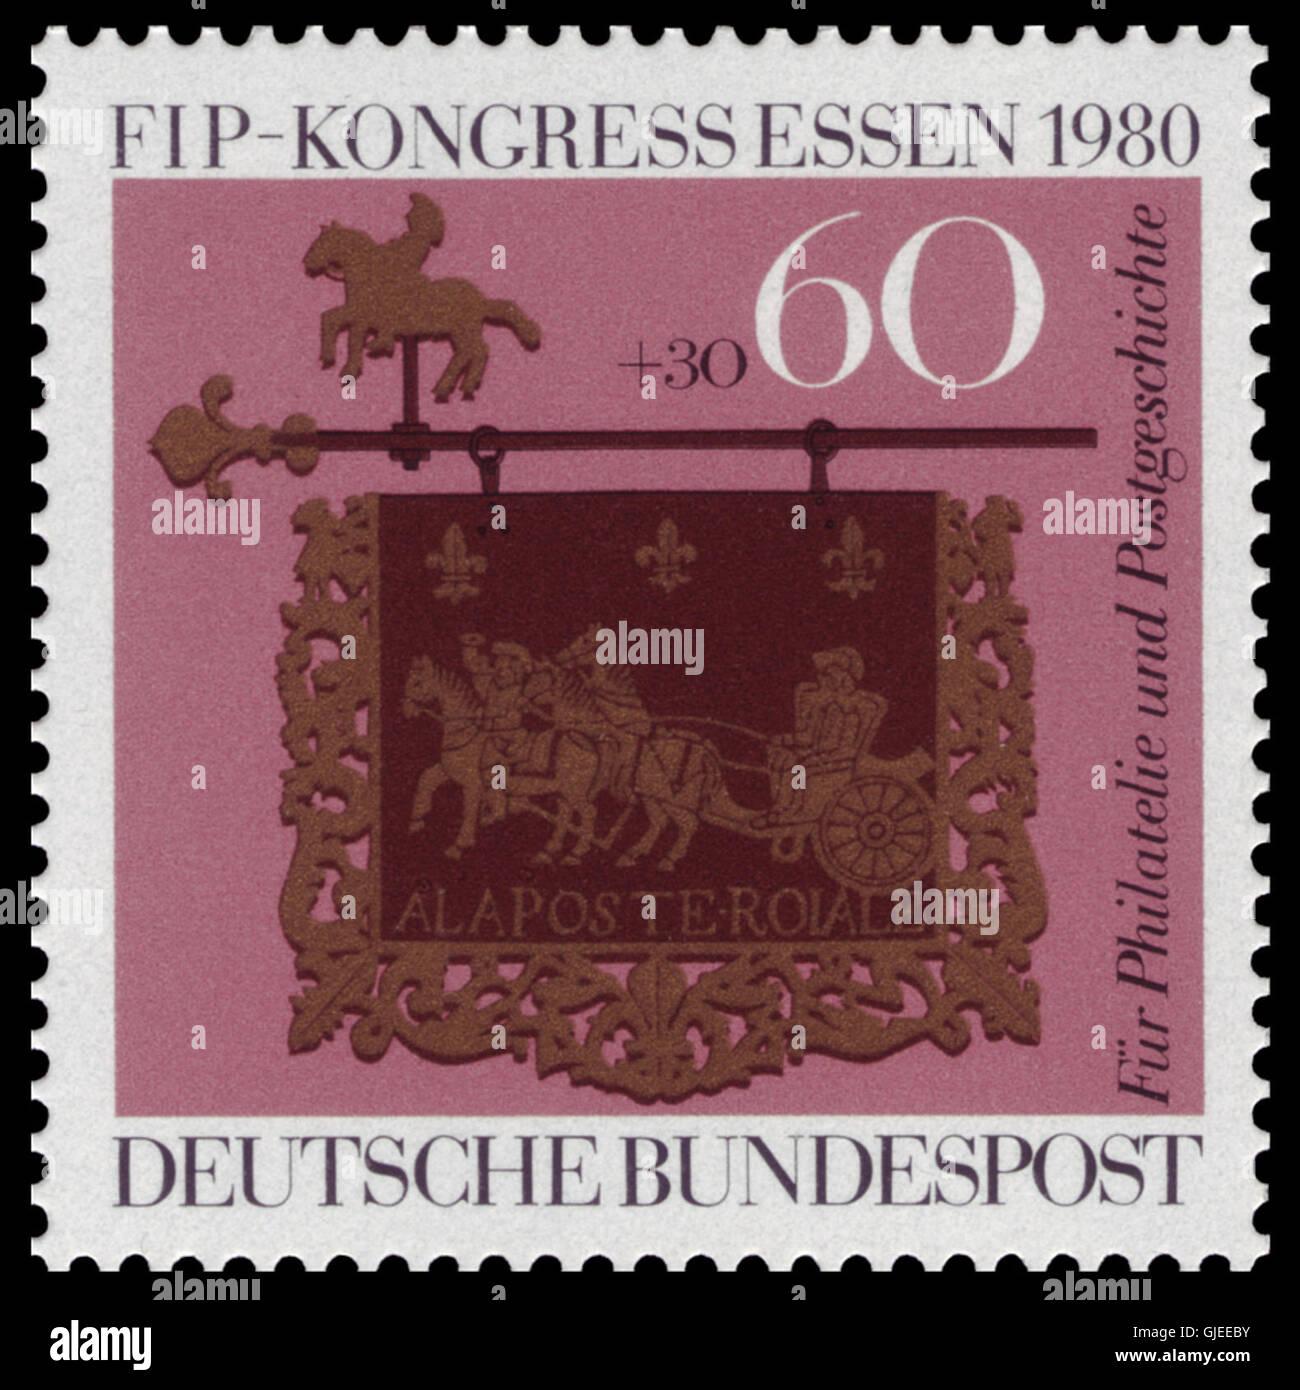 DBP 1980 1065 FIP-Kongress für Philatelie und Postgeschichte Stock Photo